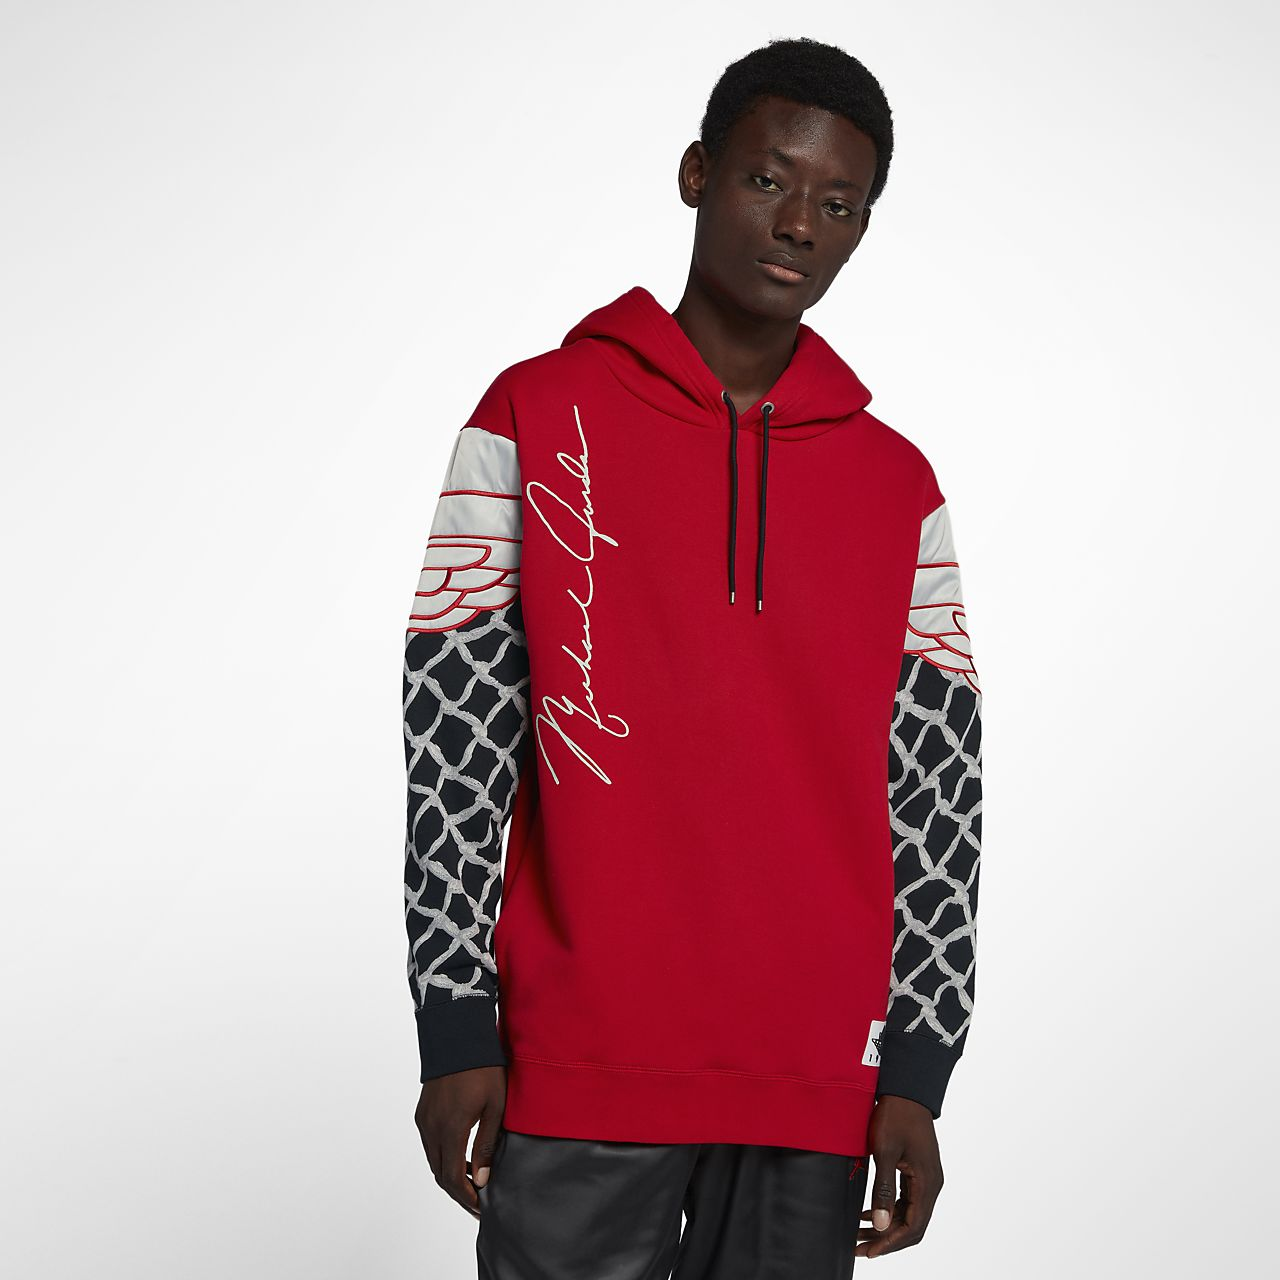 jordan felpa uomo cappuccio  Felpa pullover con cappuccio Jordan Sportswear Pinnacle - Uomo. Nike ...